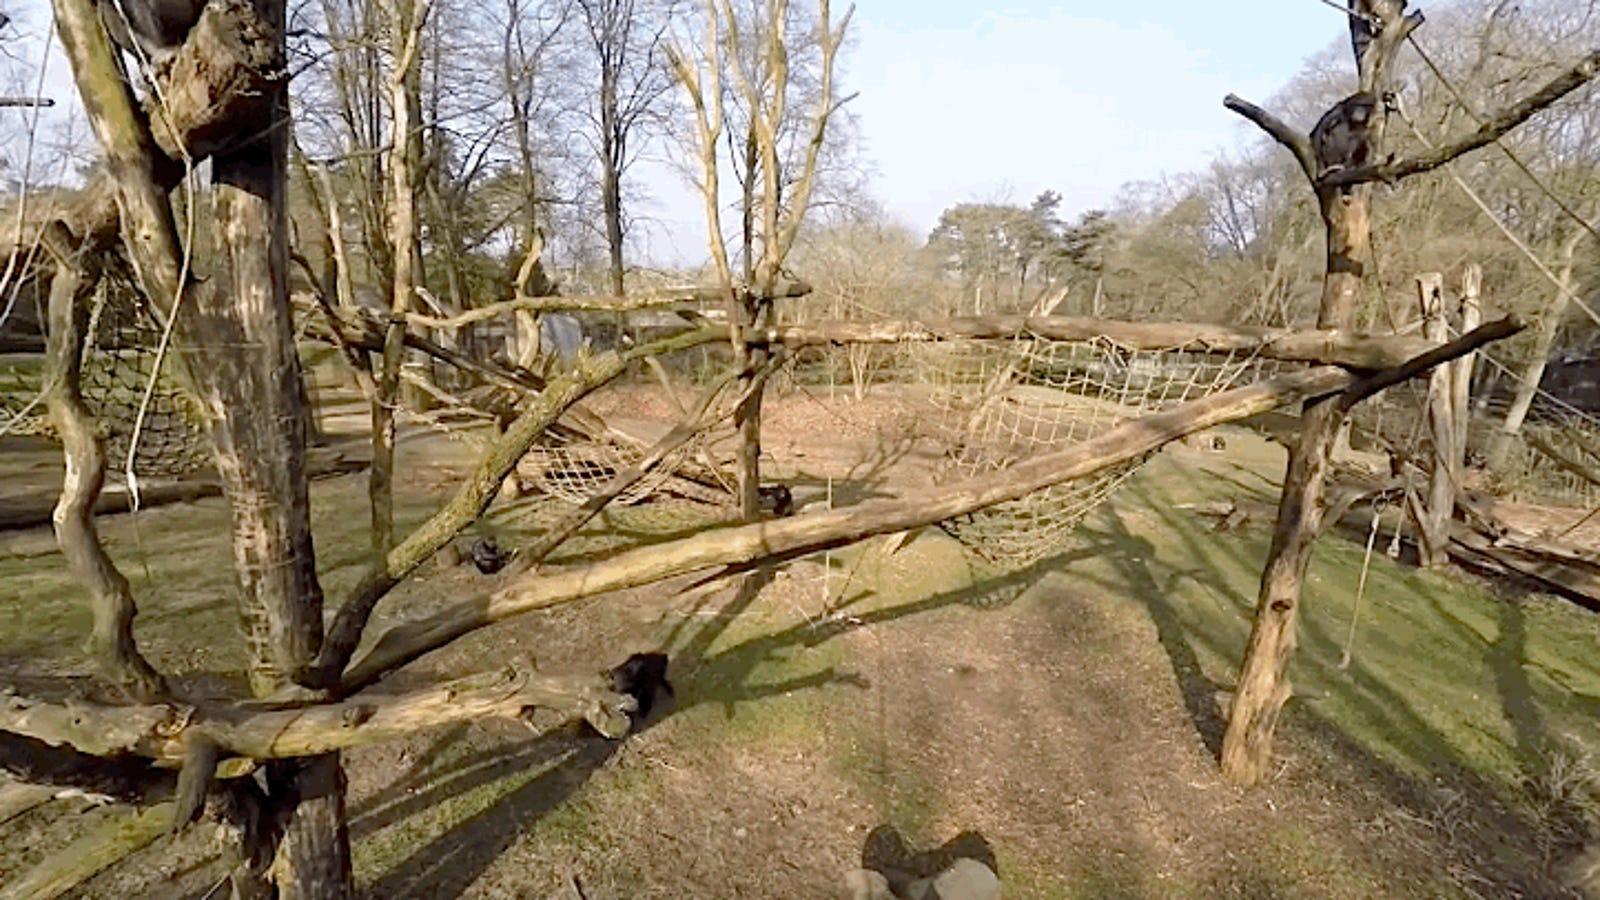 Por qué los antropólogos están fascinados con el mono que derribó un dron